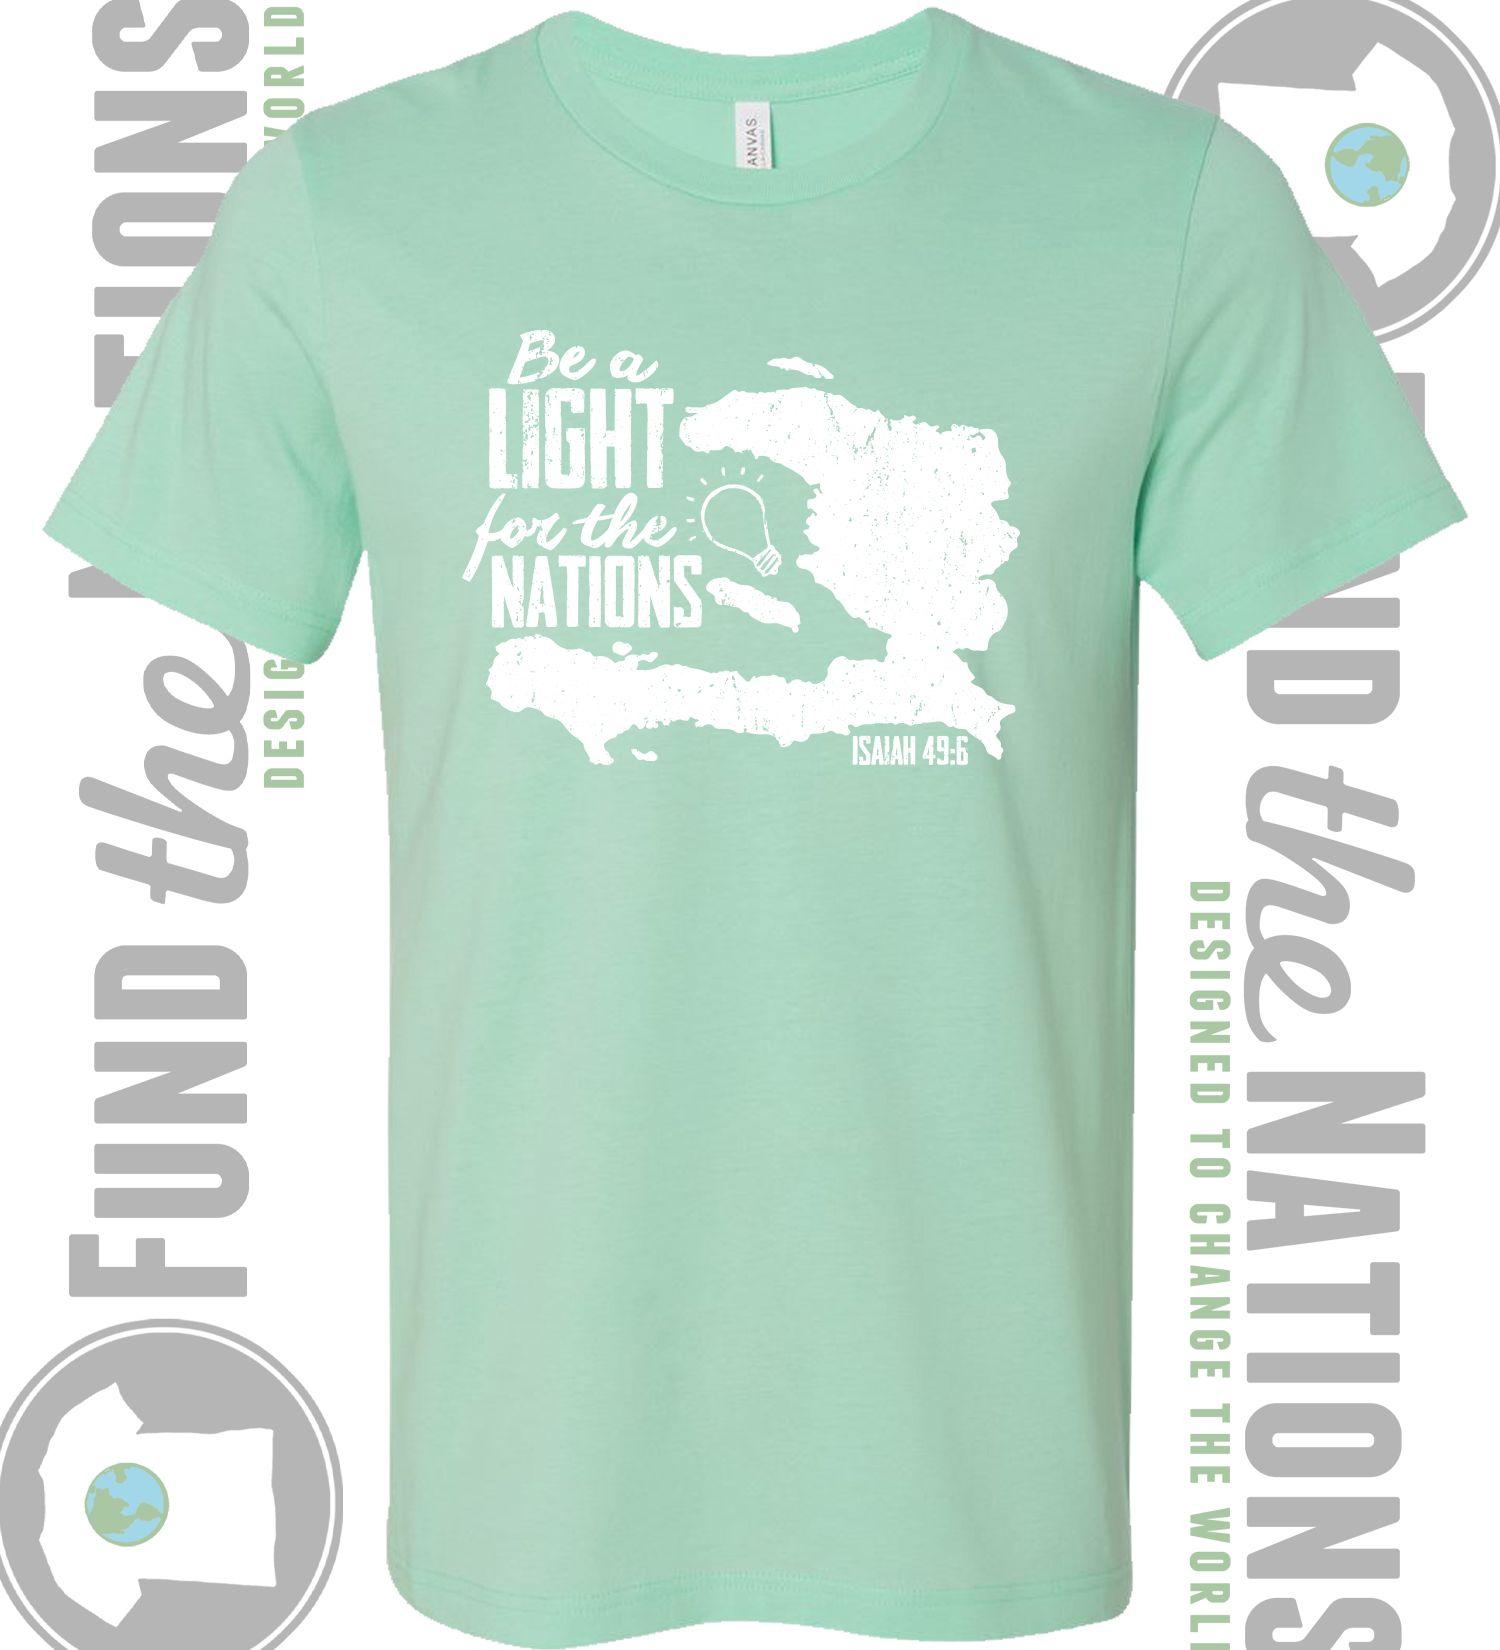 Christmas Fundraiser Shirts.Haiti T Shirt Mission Trip Fundraiser On A Mission Haiti